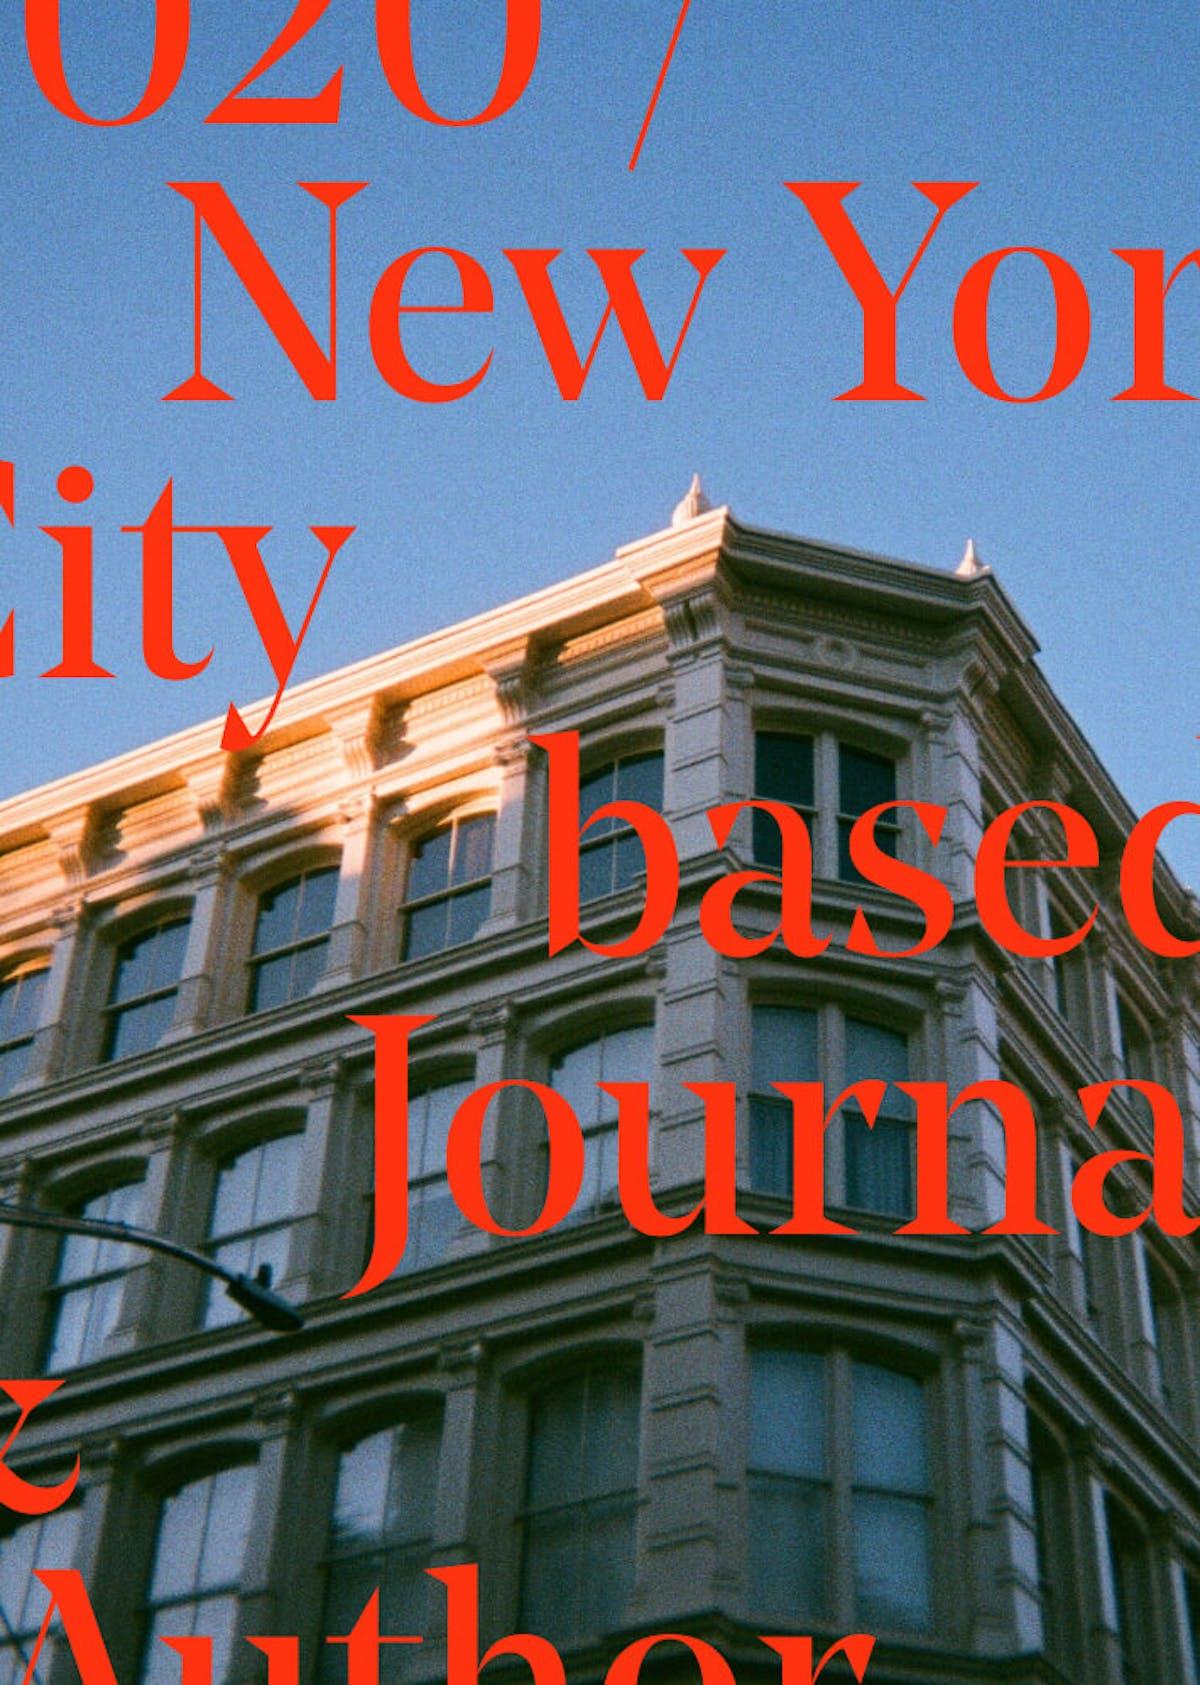 James Hall thumbnail